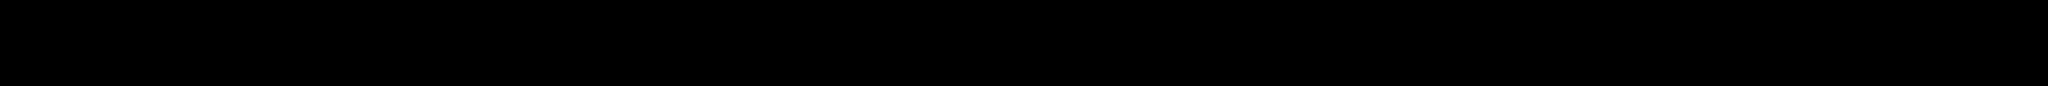 FERODO 23723, 1223682, 1321517, 1360305, 1508074 Bremsbelagsatz, Scheibenbremse